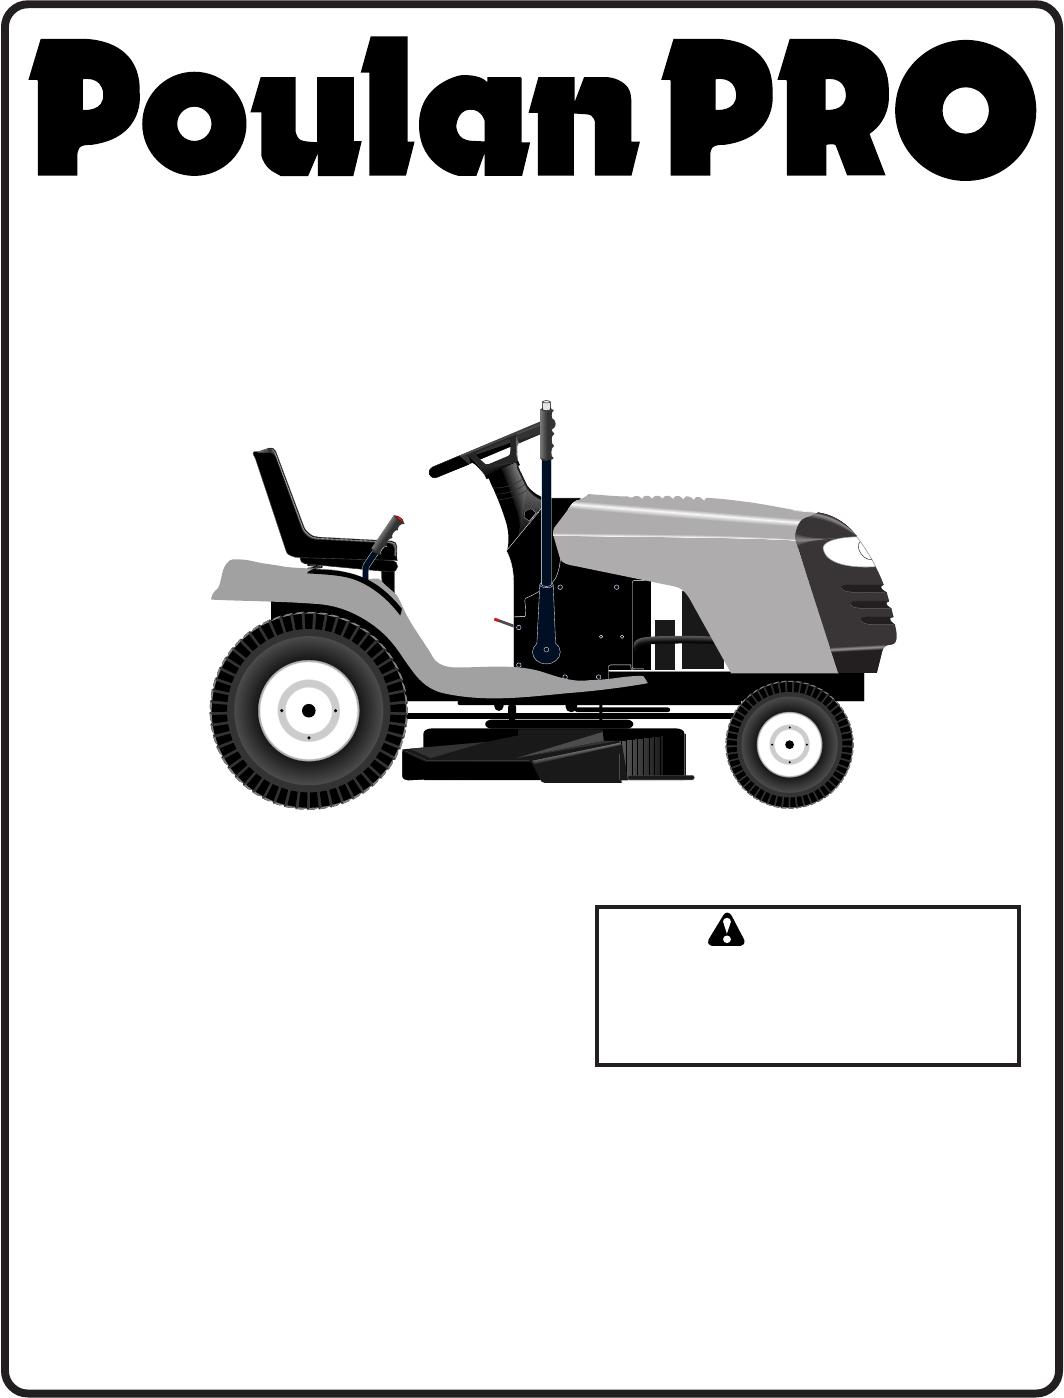 ... Poulan Pro Riding Mower Manual Wiring Diagram Database